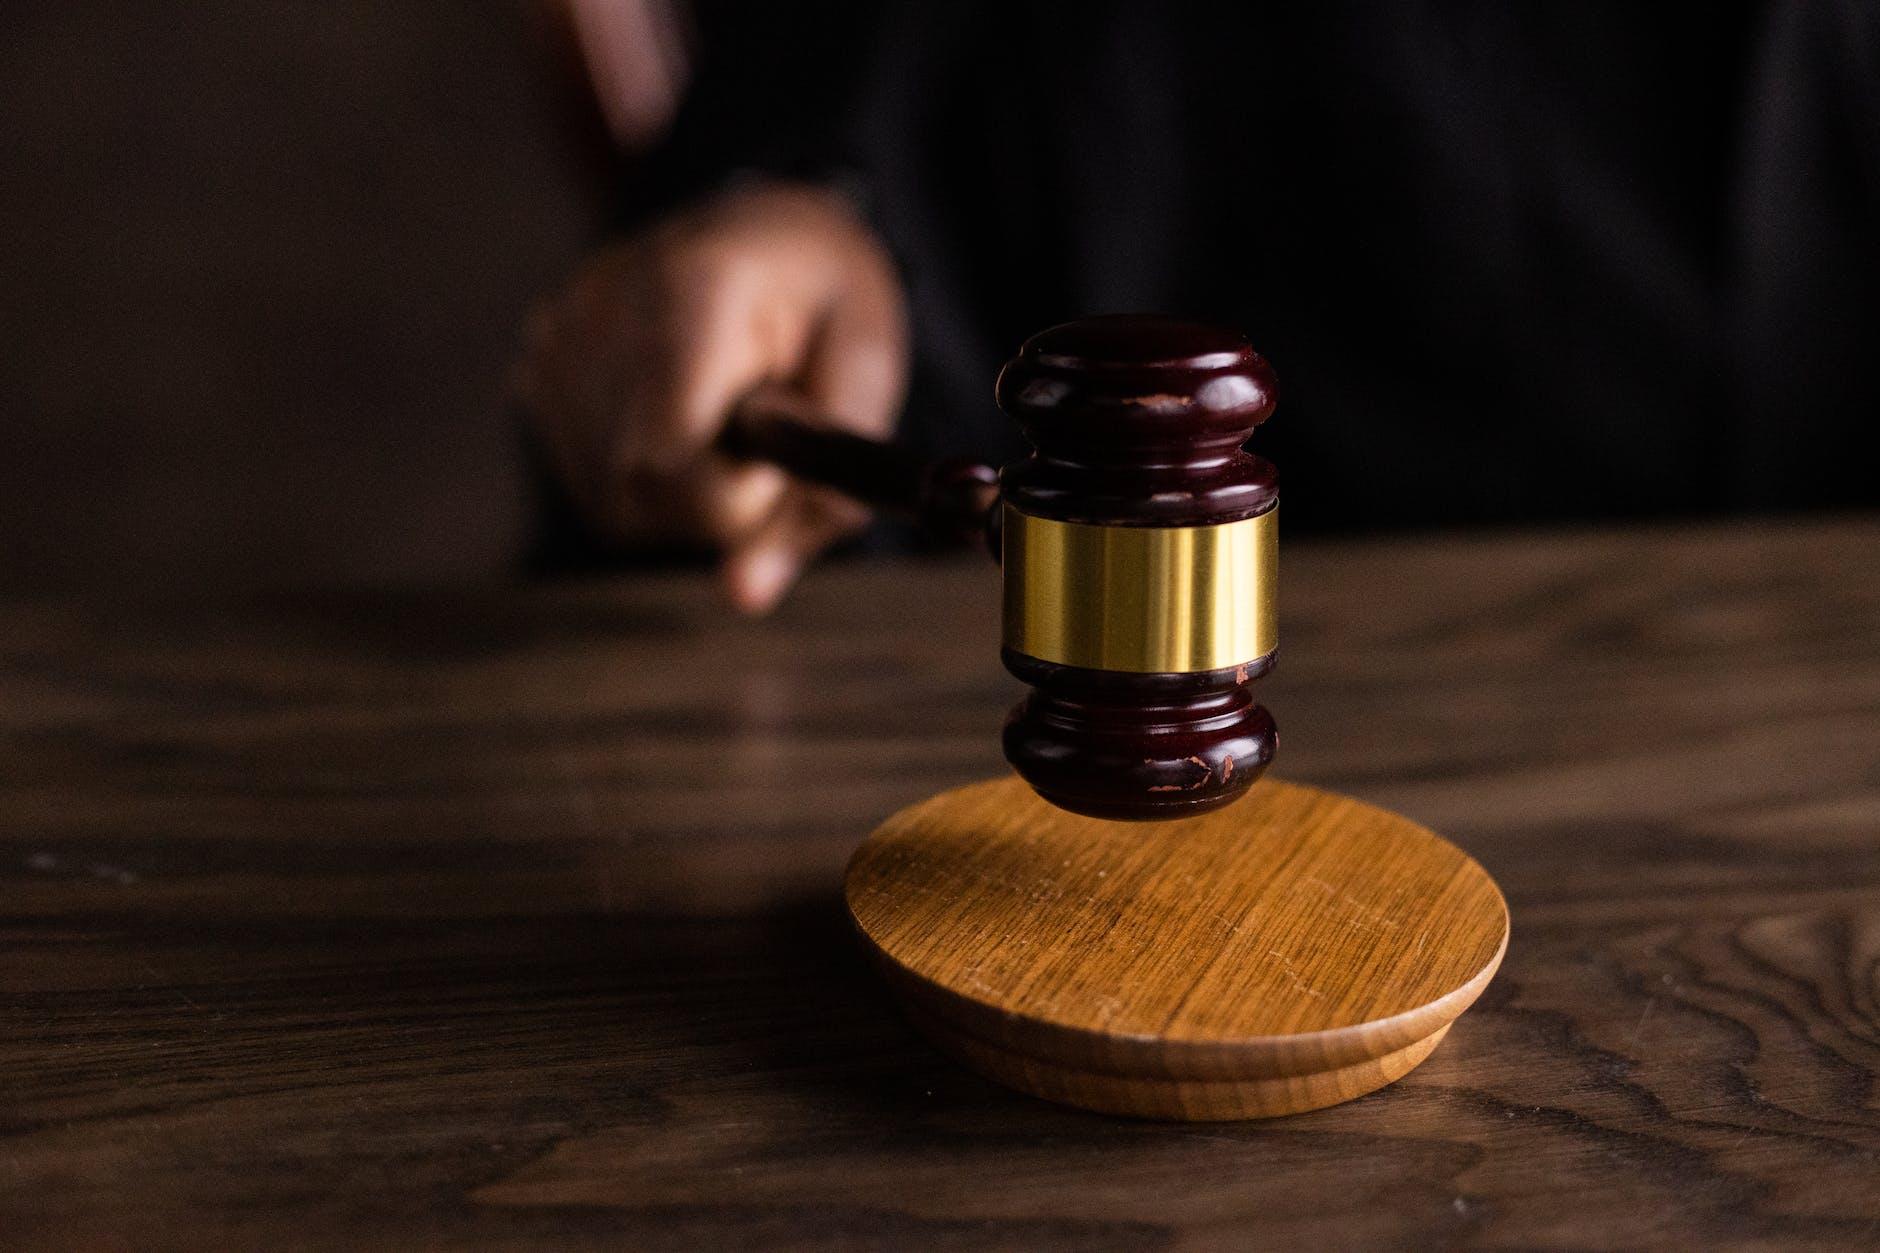 Hukum asuransi direvisi menyesuaikan perkembangan asuransi dengan menambahkan aturan asuransi syariah